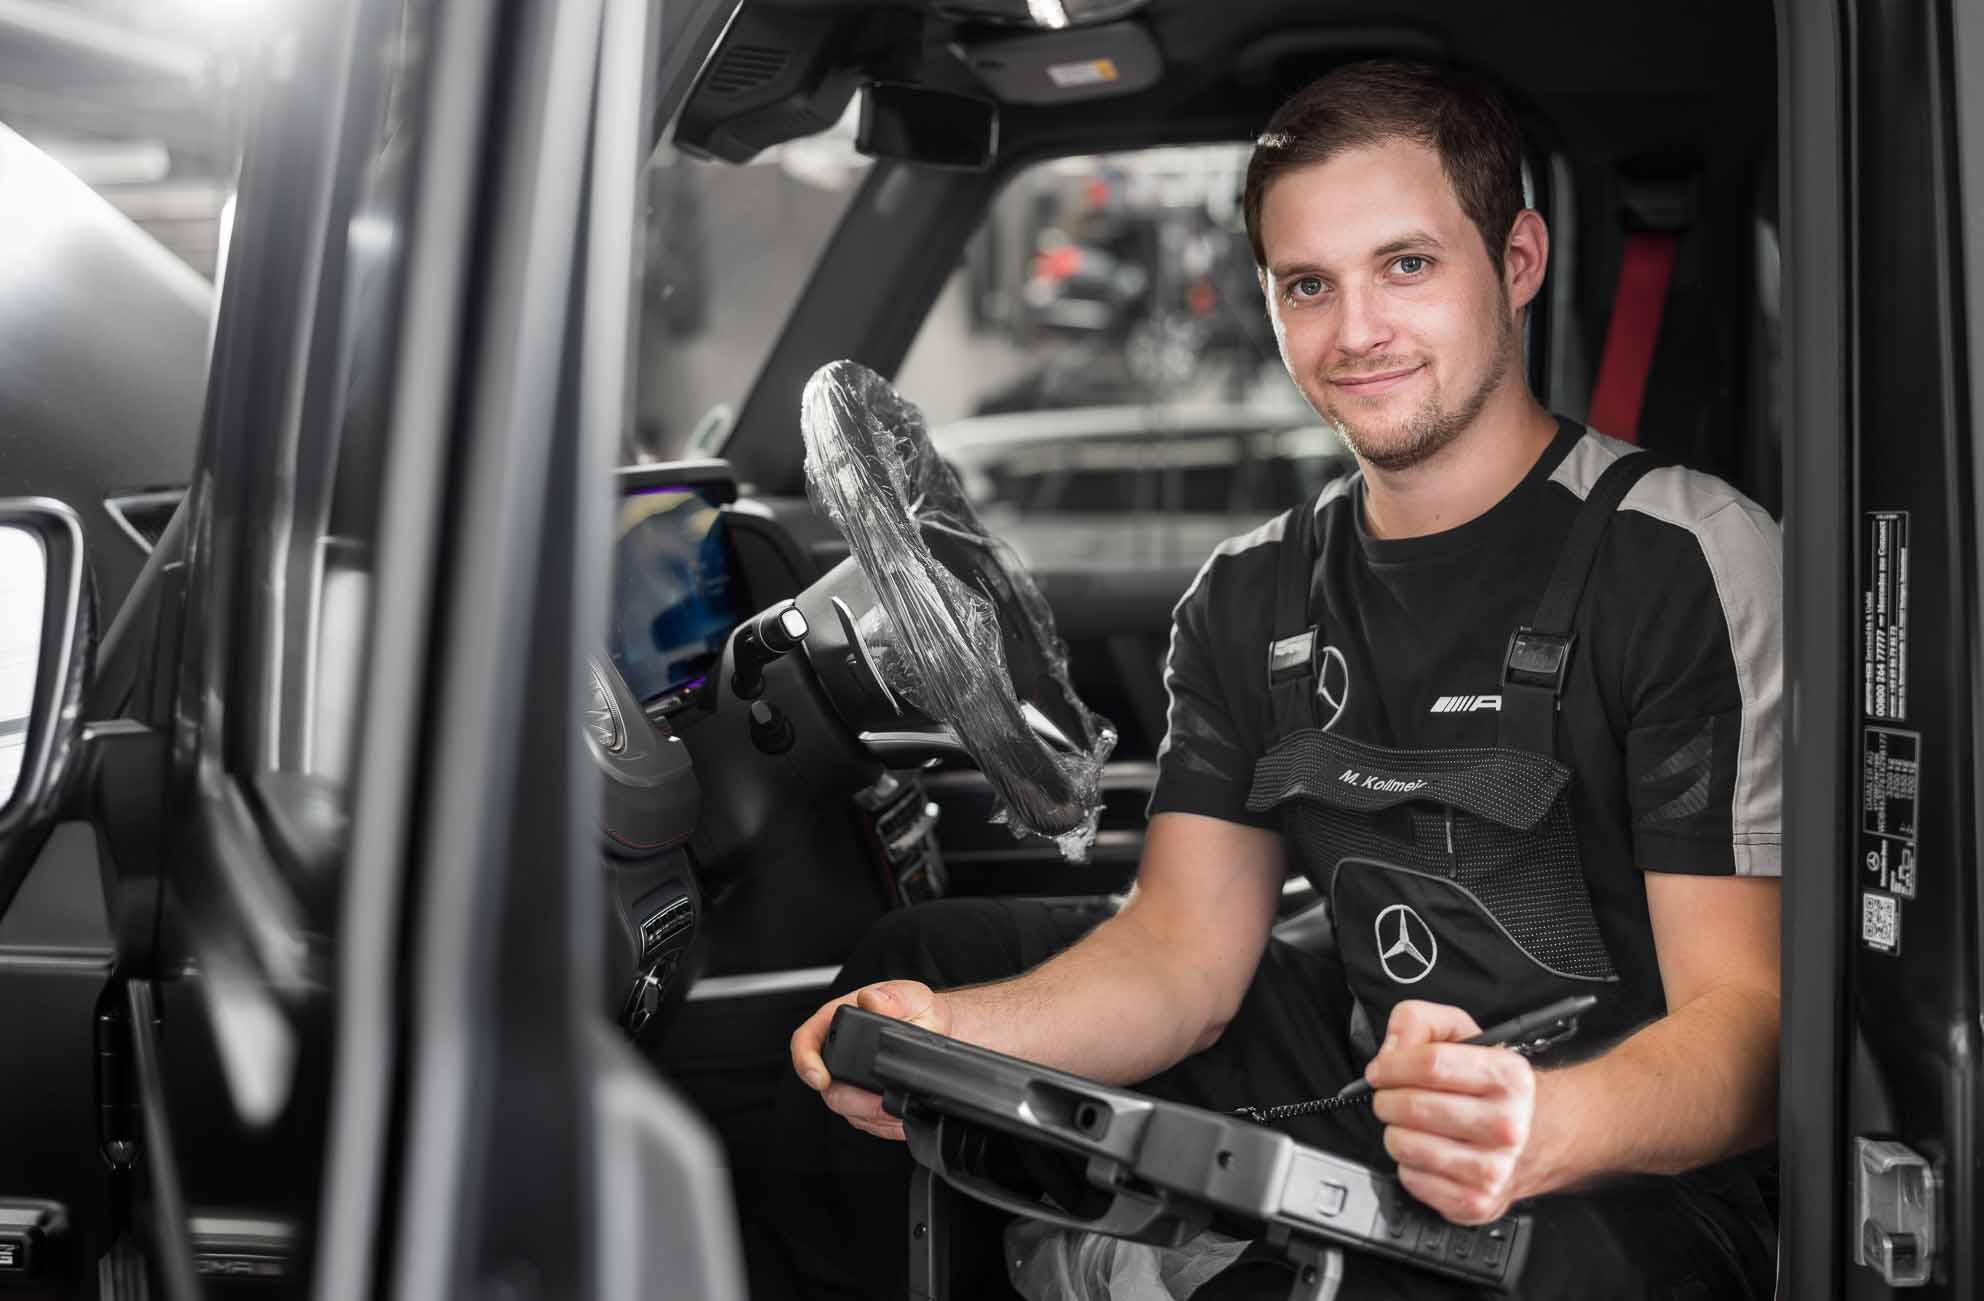 Das Bild zeigt einen Mechatroniker der in einer G-Klasse mit einem Messgerät sitzt. Die Fotografie ist in der Mercedes AMG Werkstatt in Dortmund während eines Businessshooting entstanden.